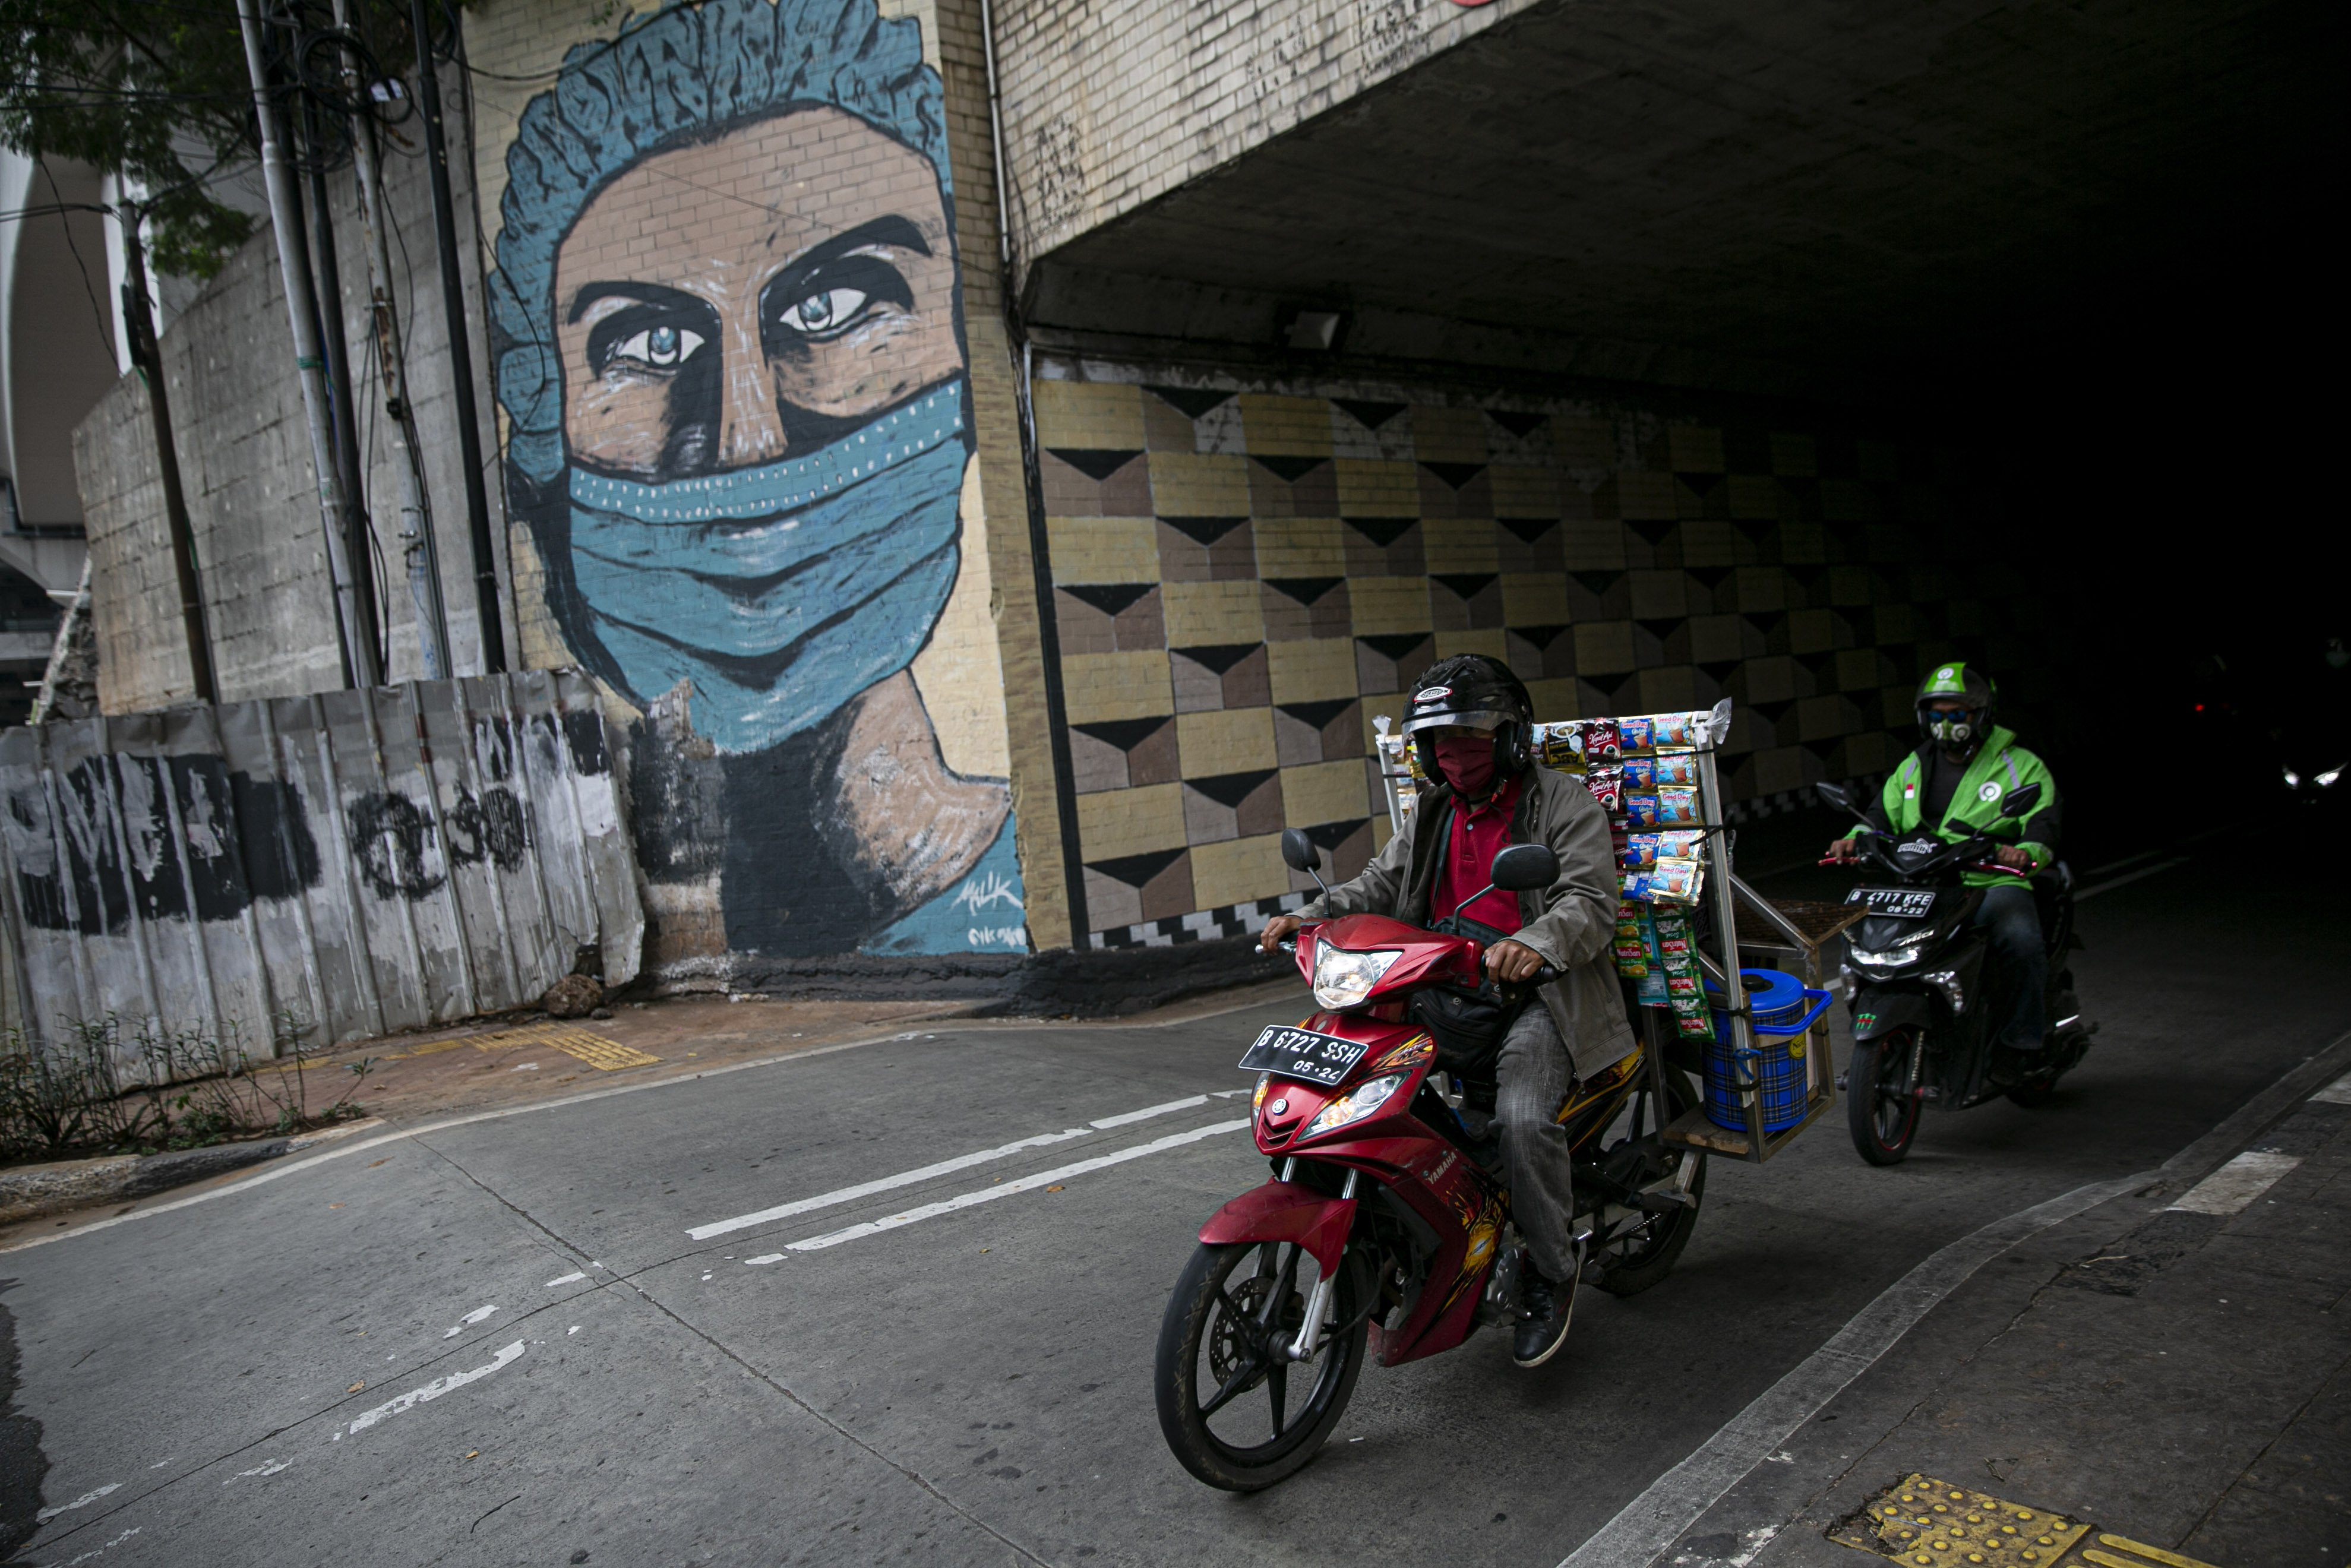 Pengendara melintas di depan mural tentang pandemi COVID-19 di kawasan Cipayung, Jakarta, Senin (19/10/2020). Indonesia menempati peringkat pertama kasus terbanyak dan angka kematian akibat COVID-19 di Asia Tenggara dengan total 361.867 kasus konfirmasi dan meninggal sebanyak 12.511.